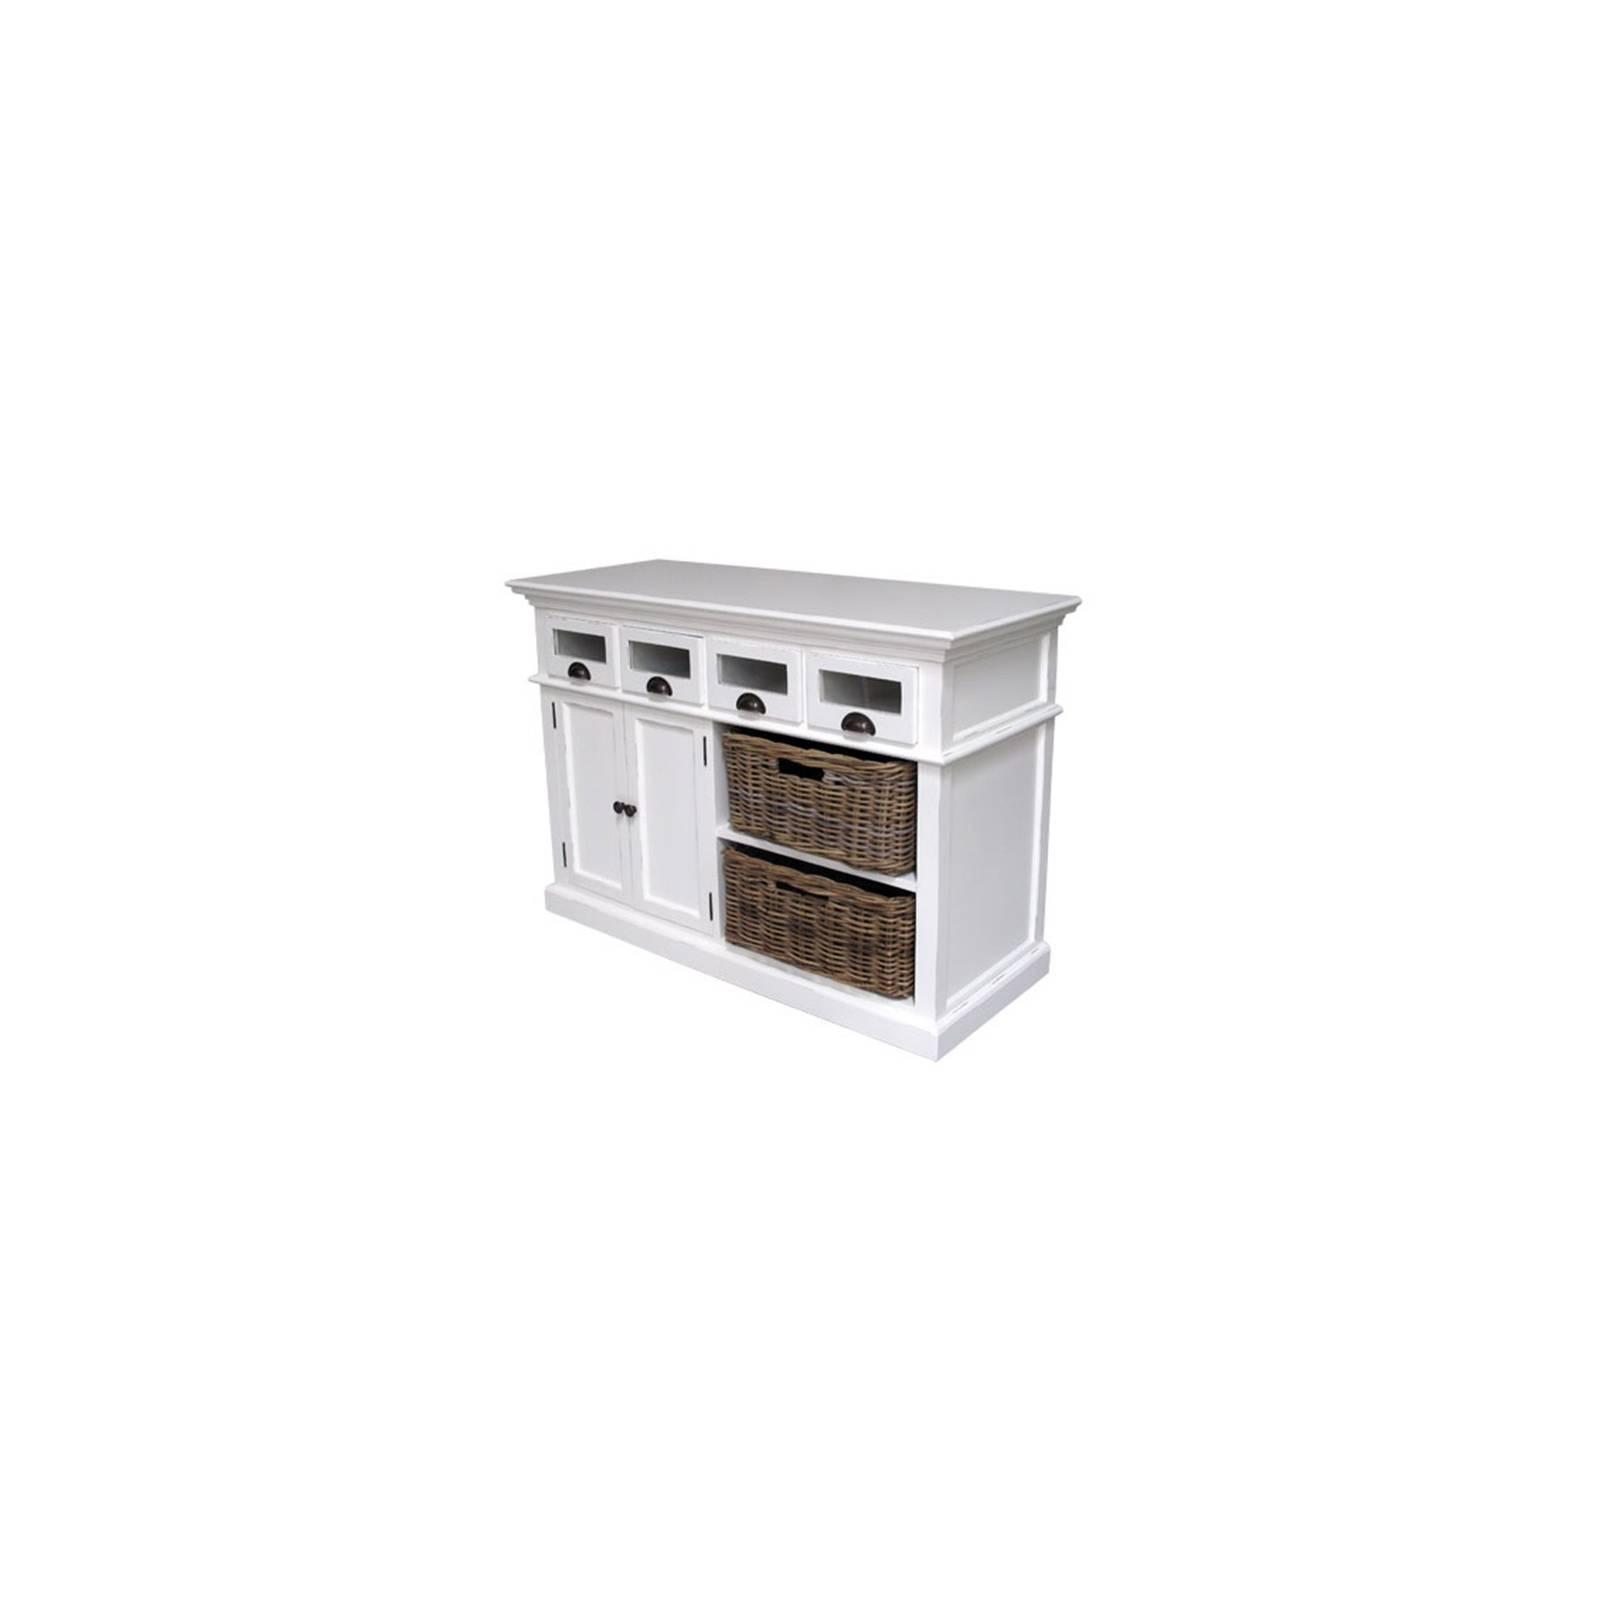 Bahut Paniers Torini Acajou - meuble de rangement salle à manger